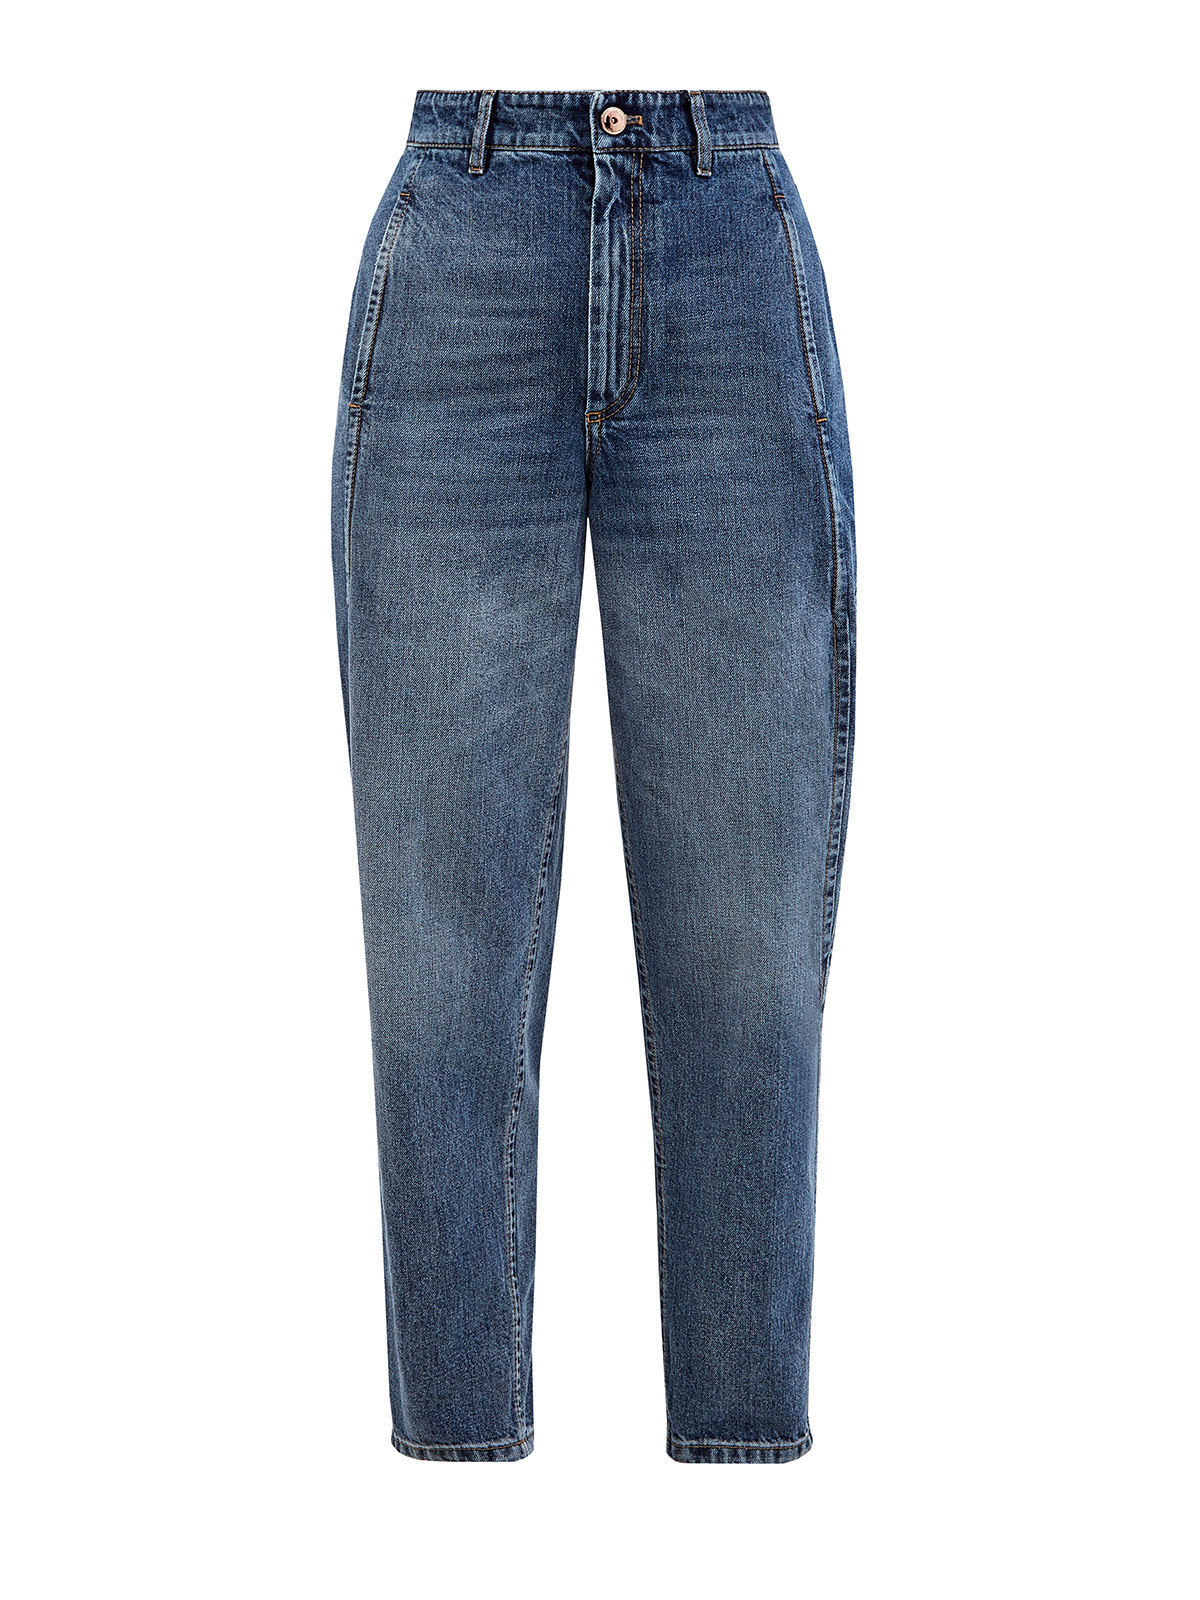 Высокие джинсы mom's из выбеленного денима Authentic